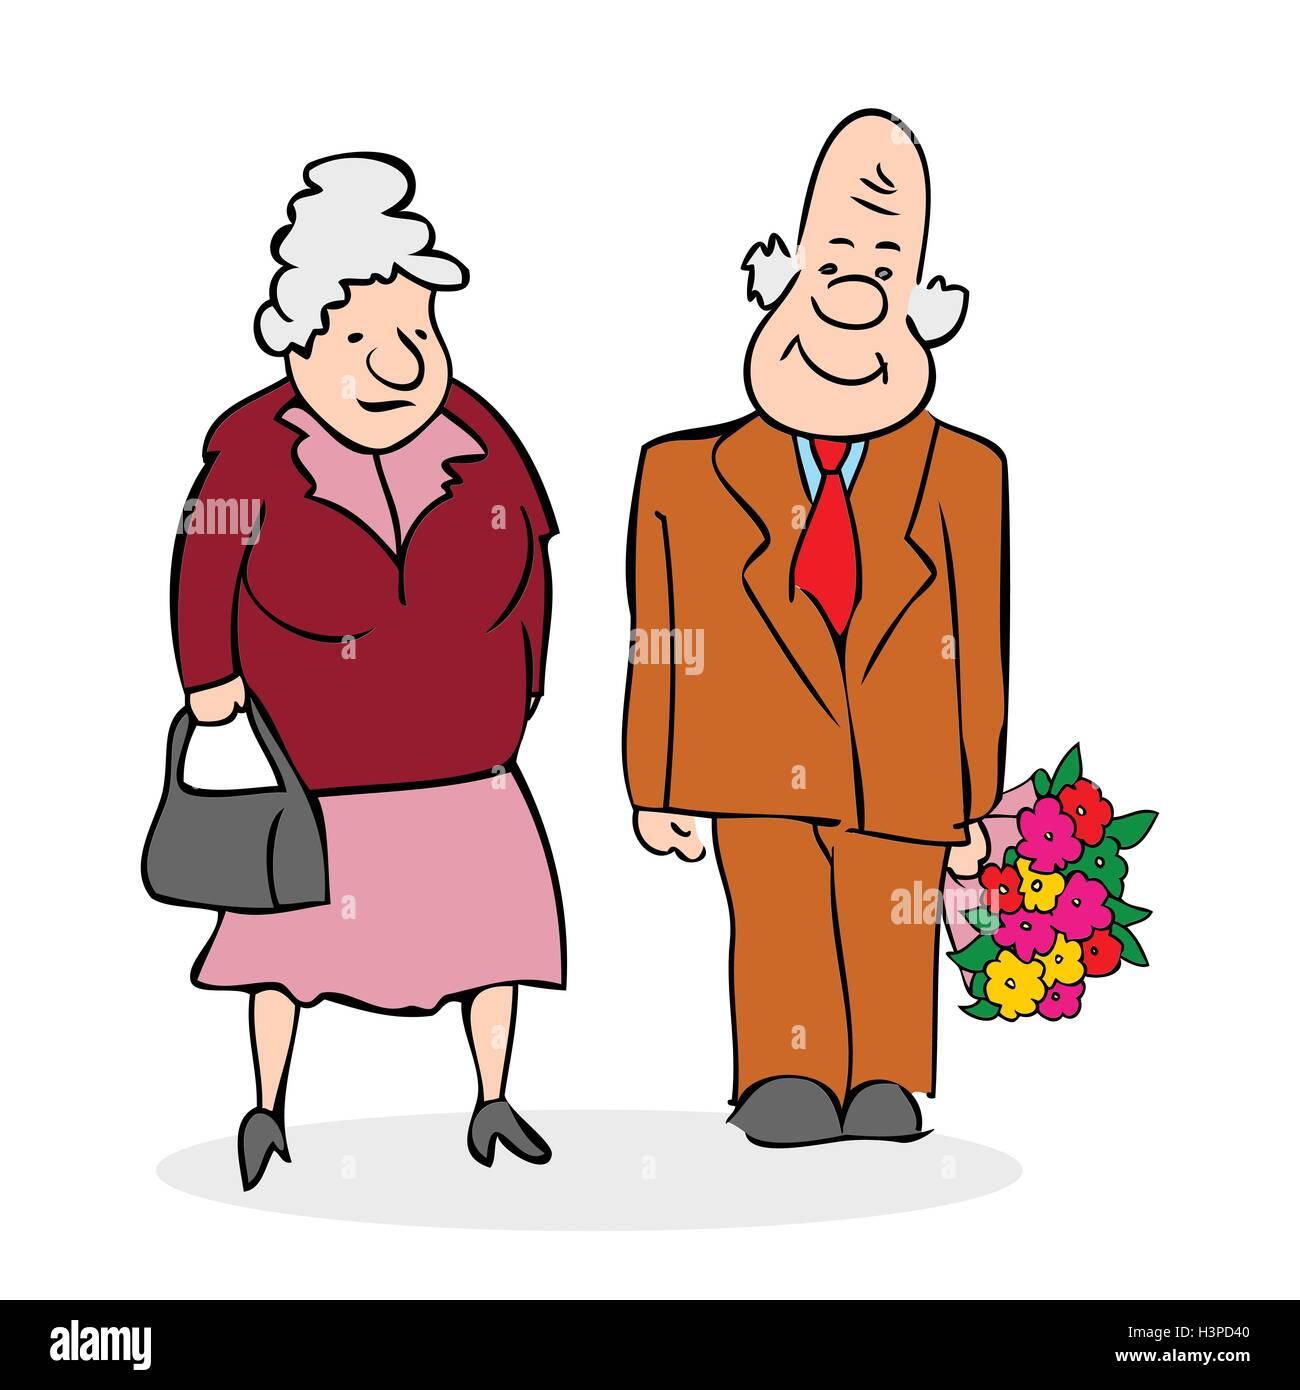 Gerne Alteres Ehepaar Alter Mann Mit Einem Blumenstrauss Altere